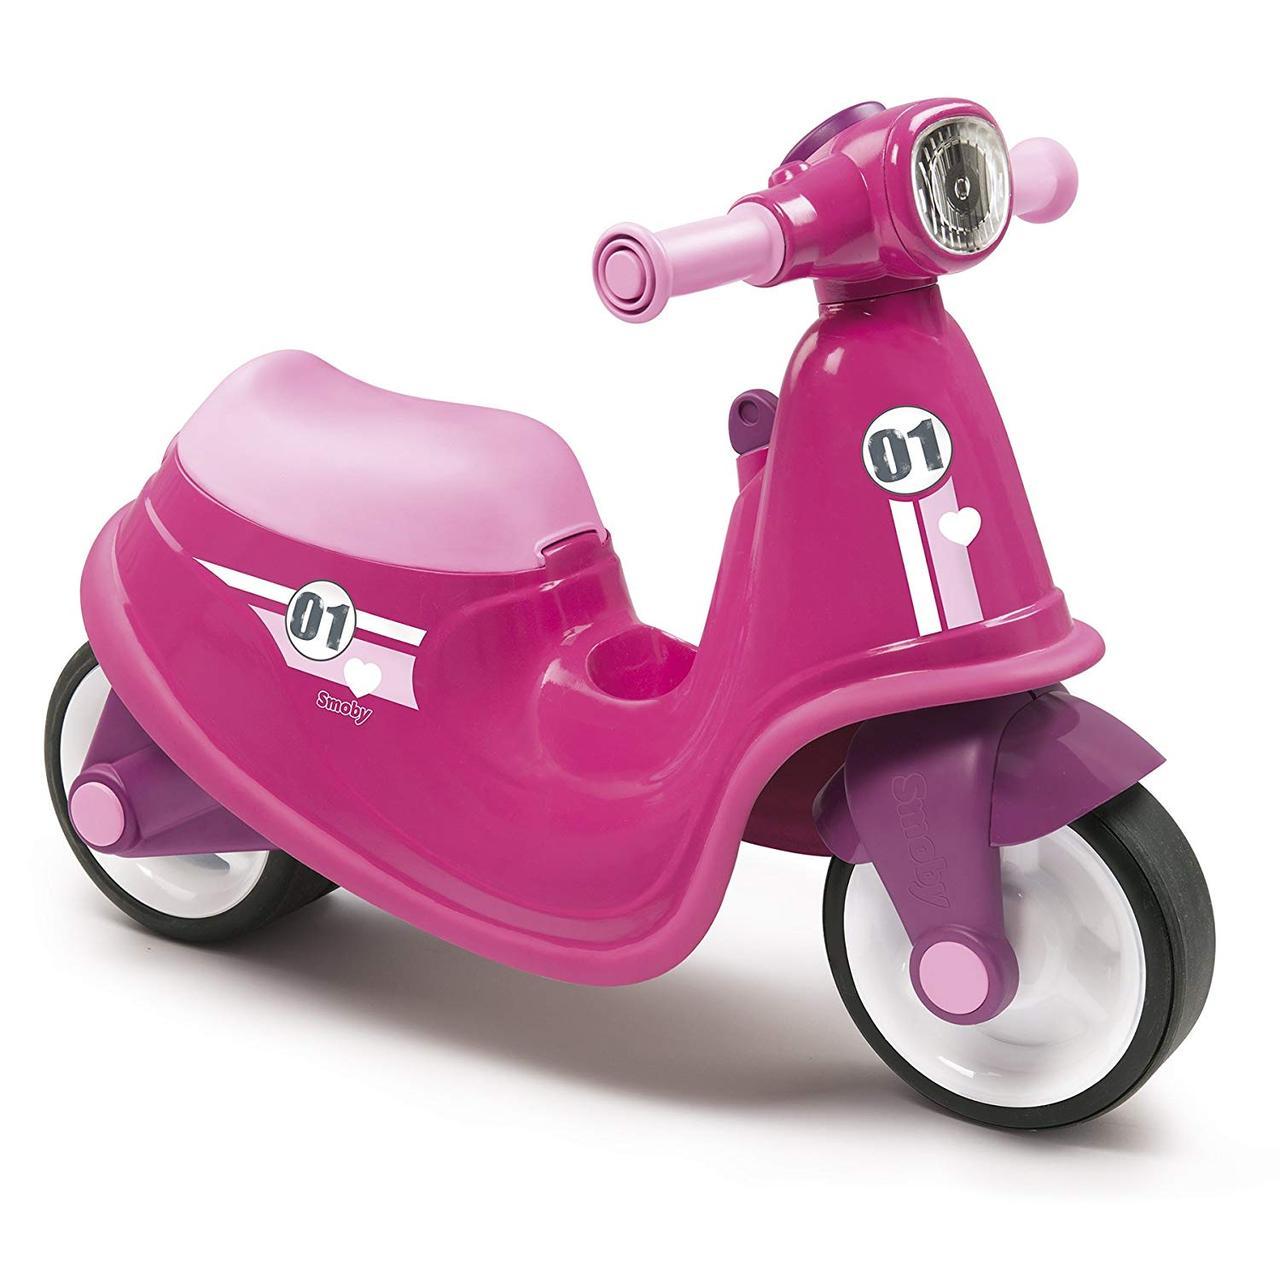 Детский беговел (2-колесный, до 19 кг), розовый - Scooter Holde Smoby, 18м+ (721002)